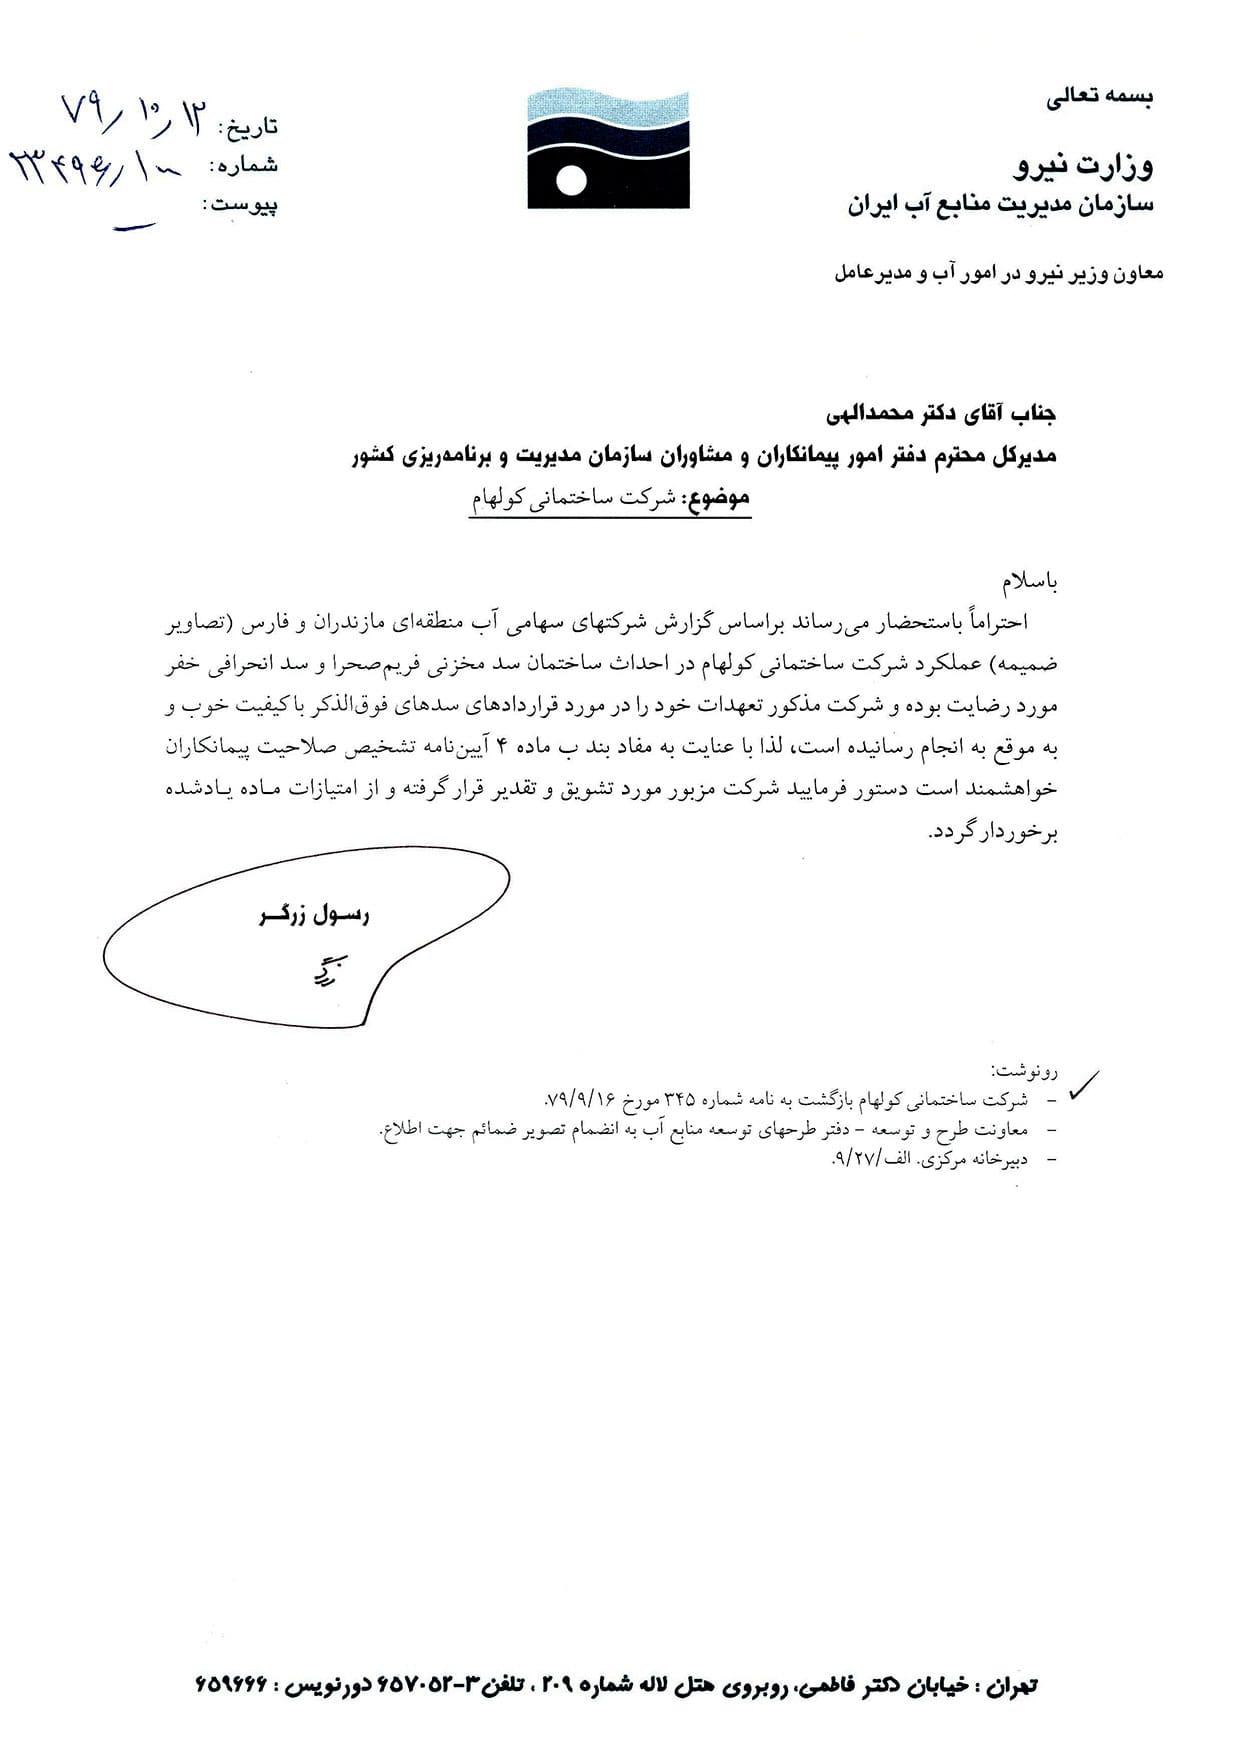 تقدیر نامه دریافتی فریم صحرا از طرف سازمان مدیریت منابع آب ایران